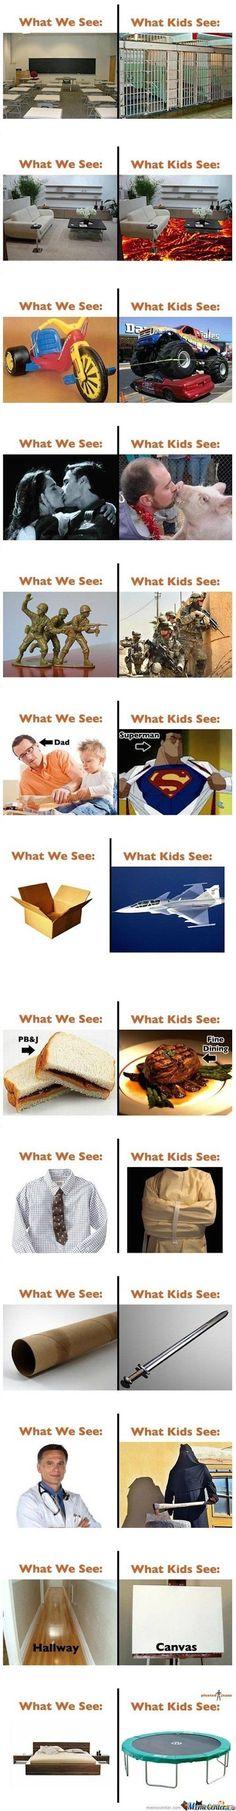 """""""O que nós vemos"""" e """" O que as crianças veem"""" KKKKK"""